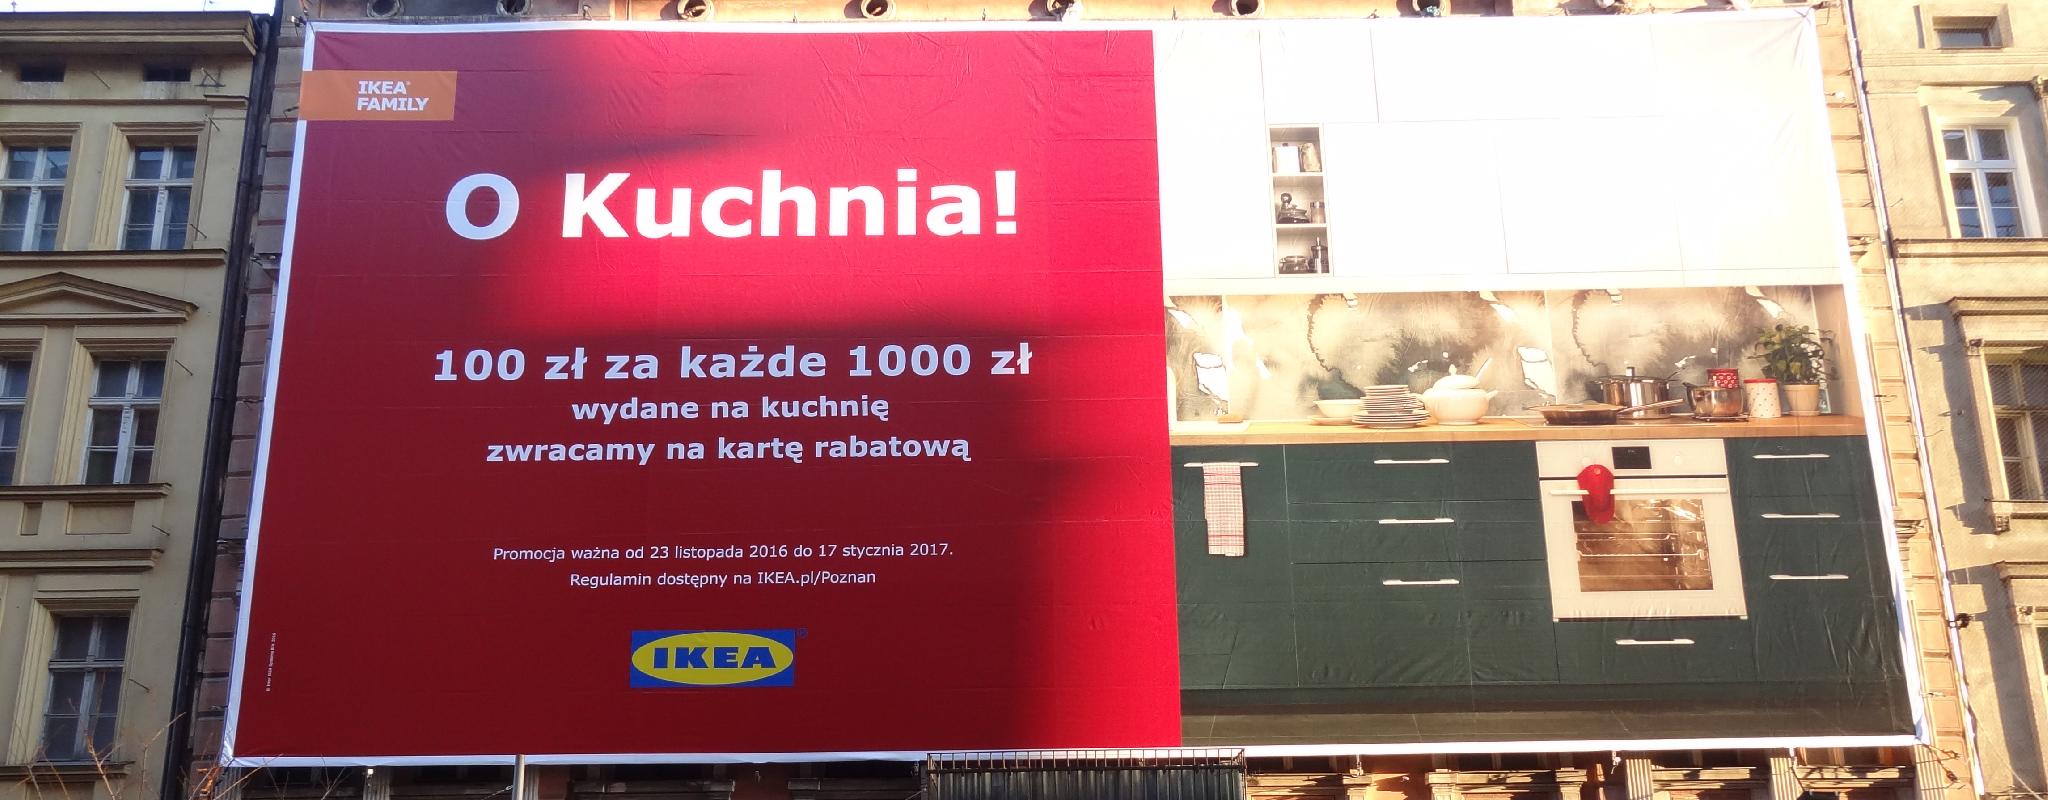 Powierzchnia wielkoformatowa Poznań Półwiejska Ikea